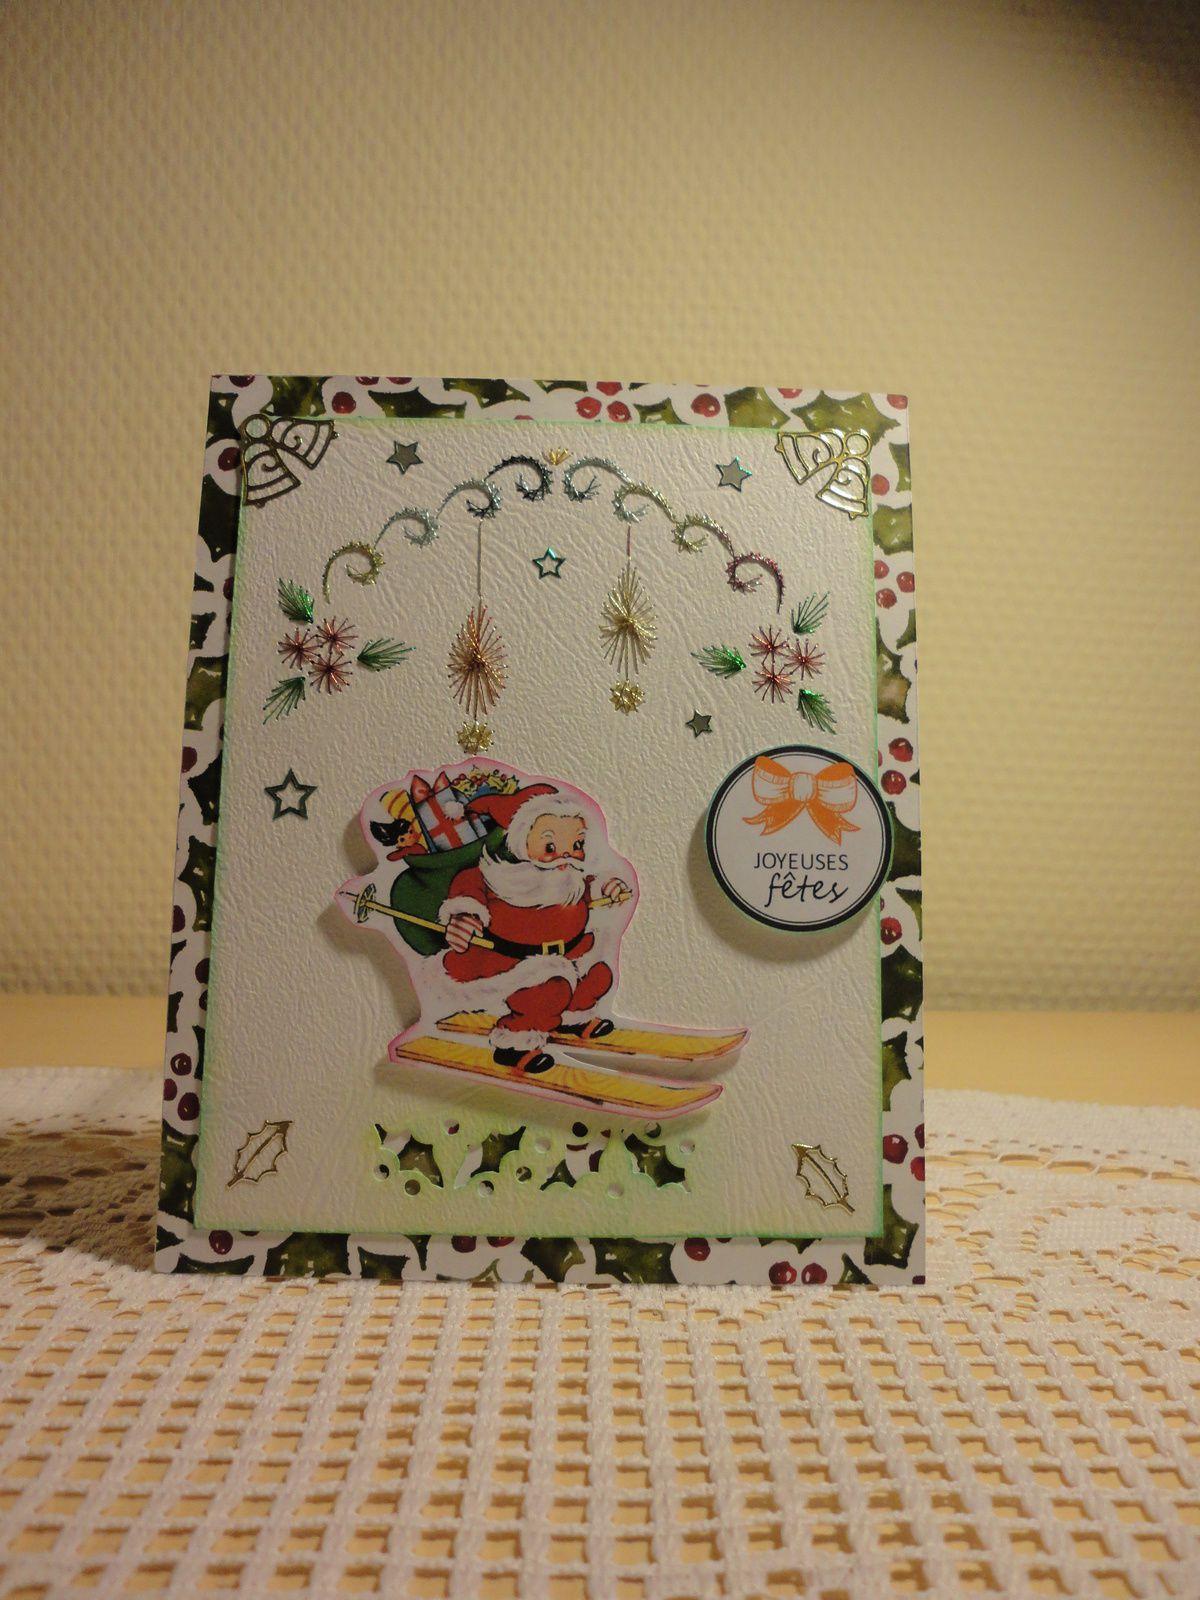 Un grand merci à Jeannine (http://cristal24.canalblog.com/) pour cette magnifique carte de Noël!!!